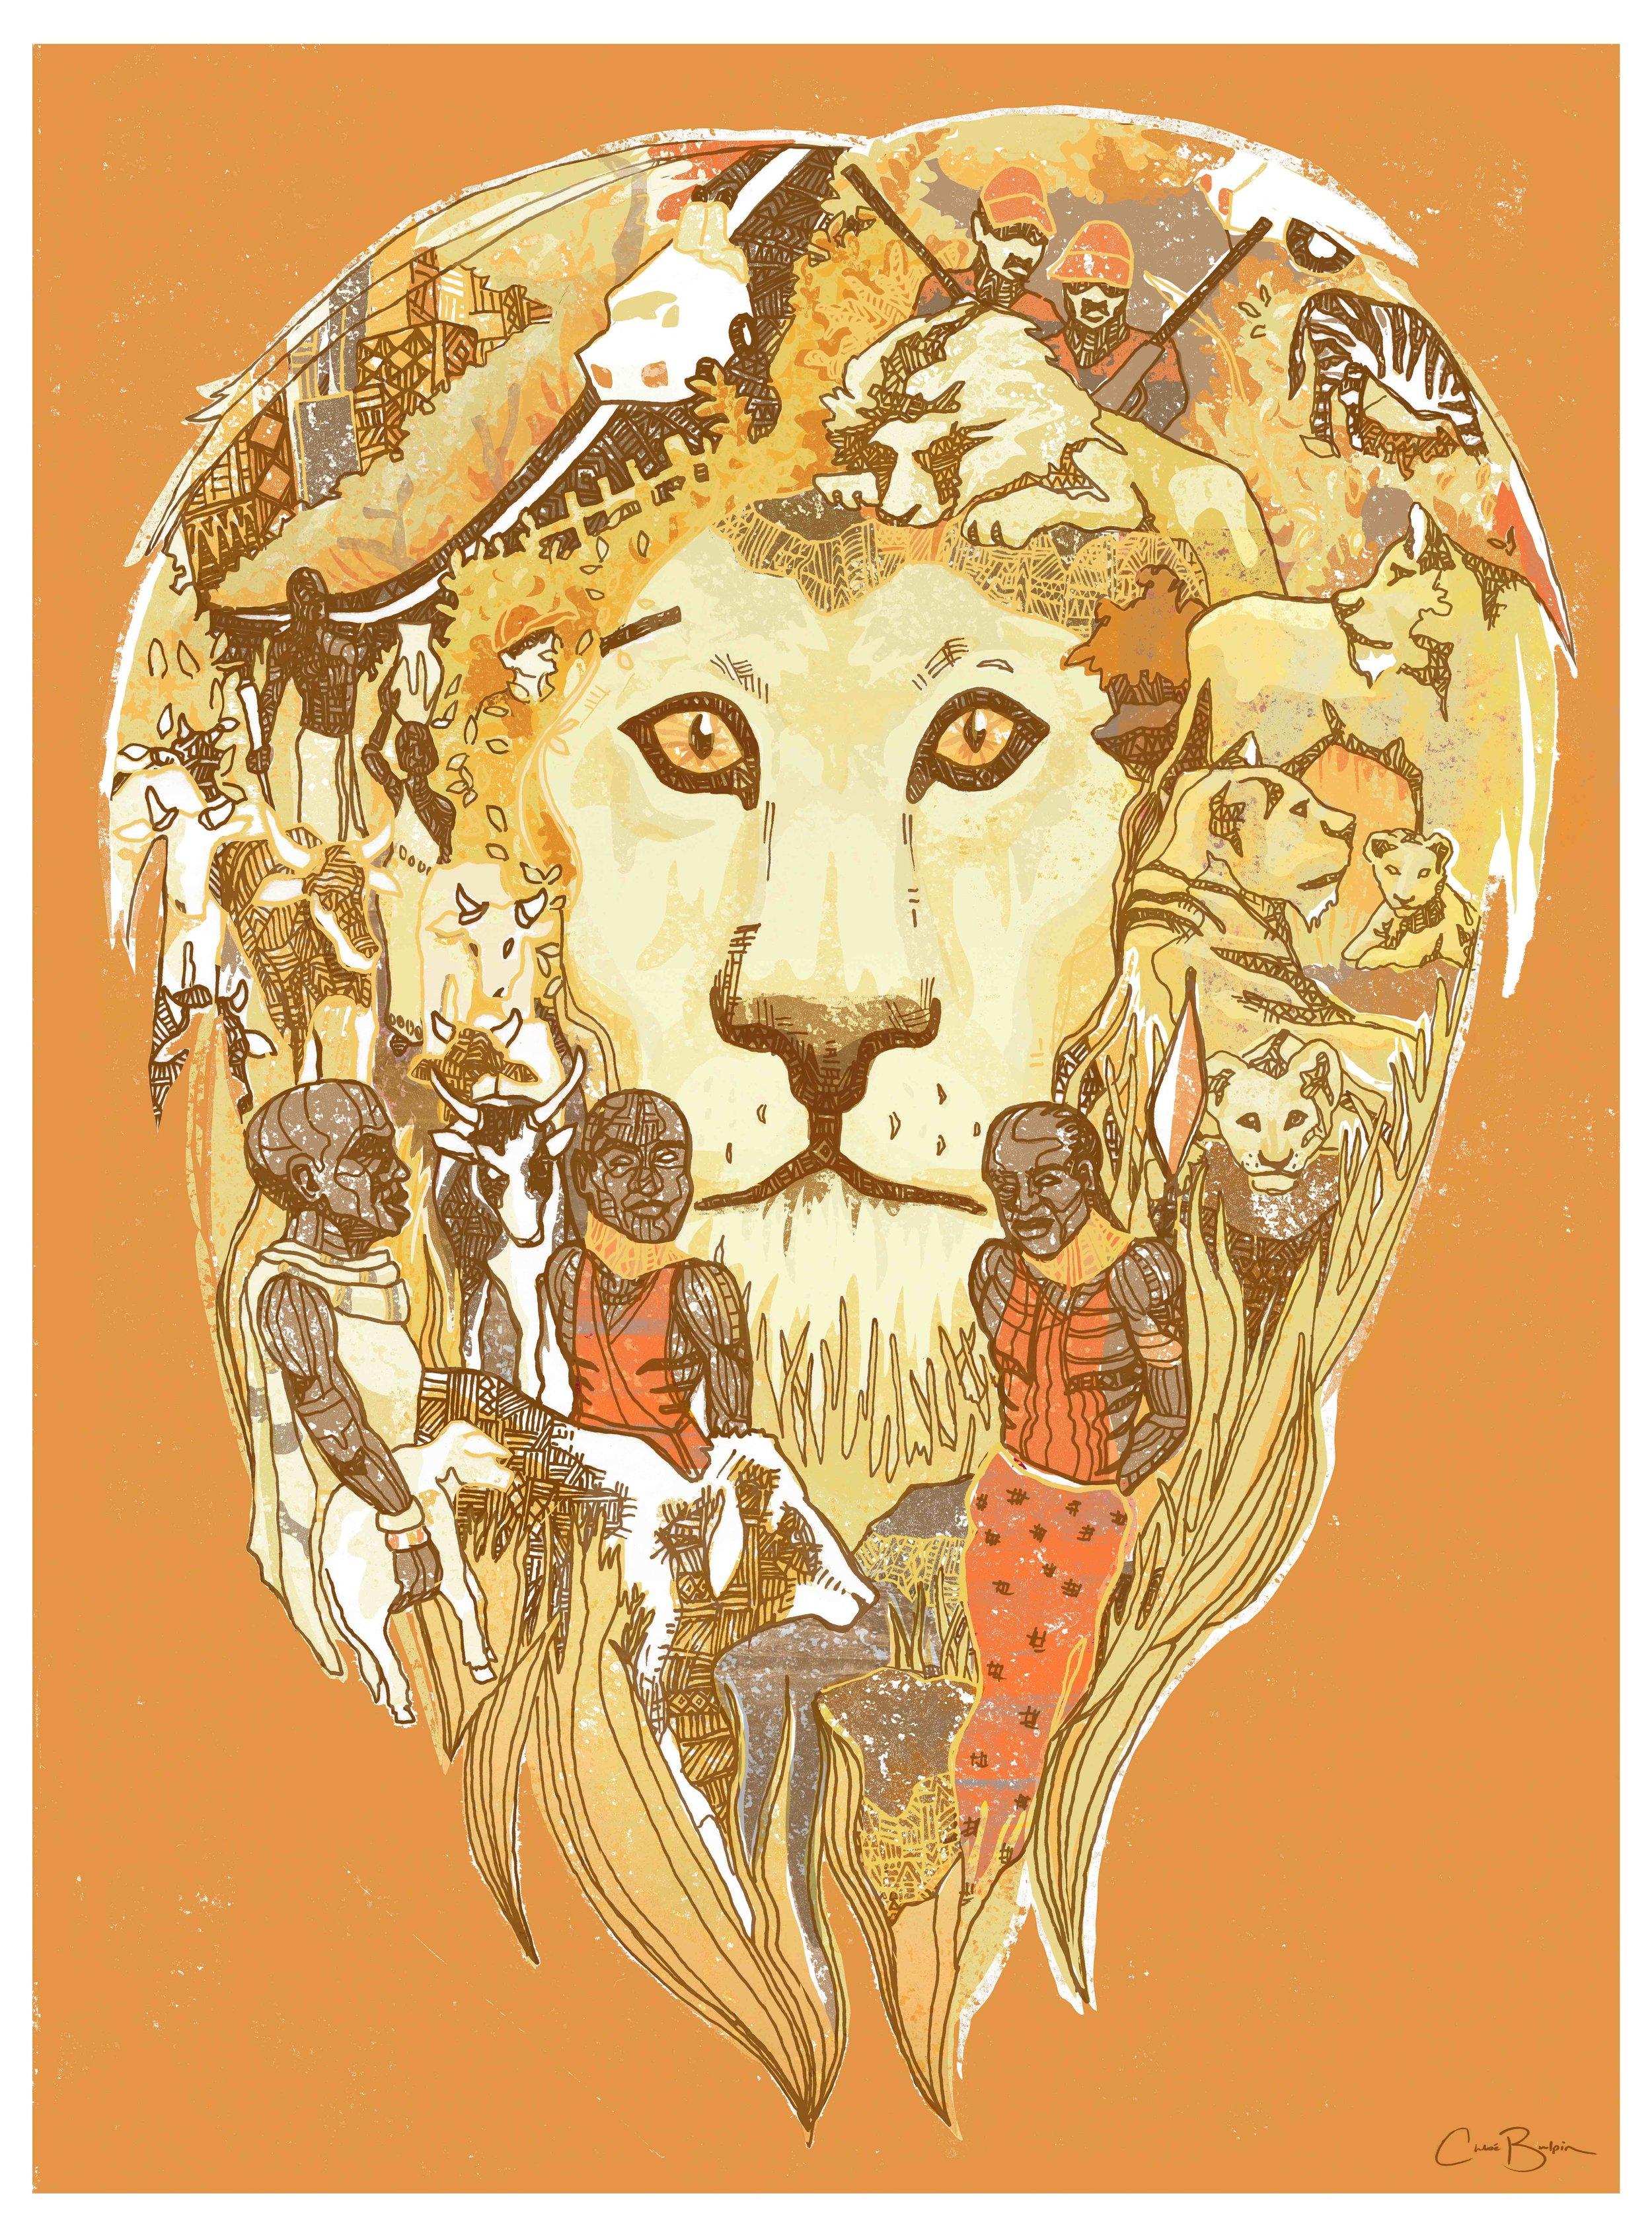 Long Live the King by Chloé Bulpin